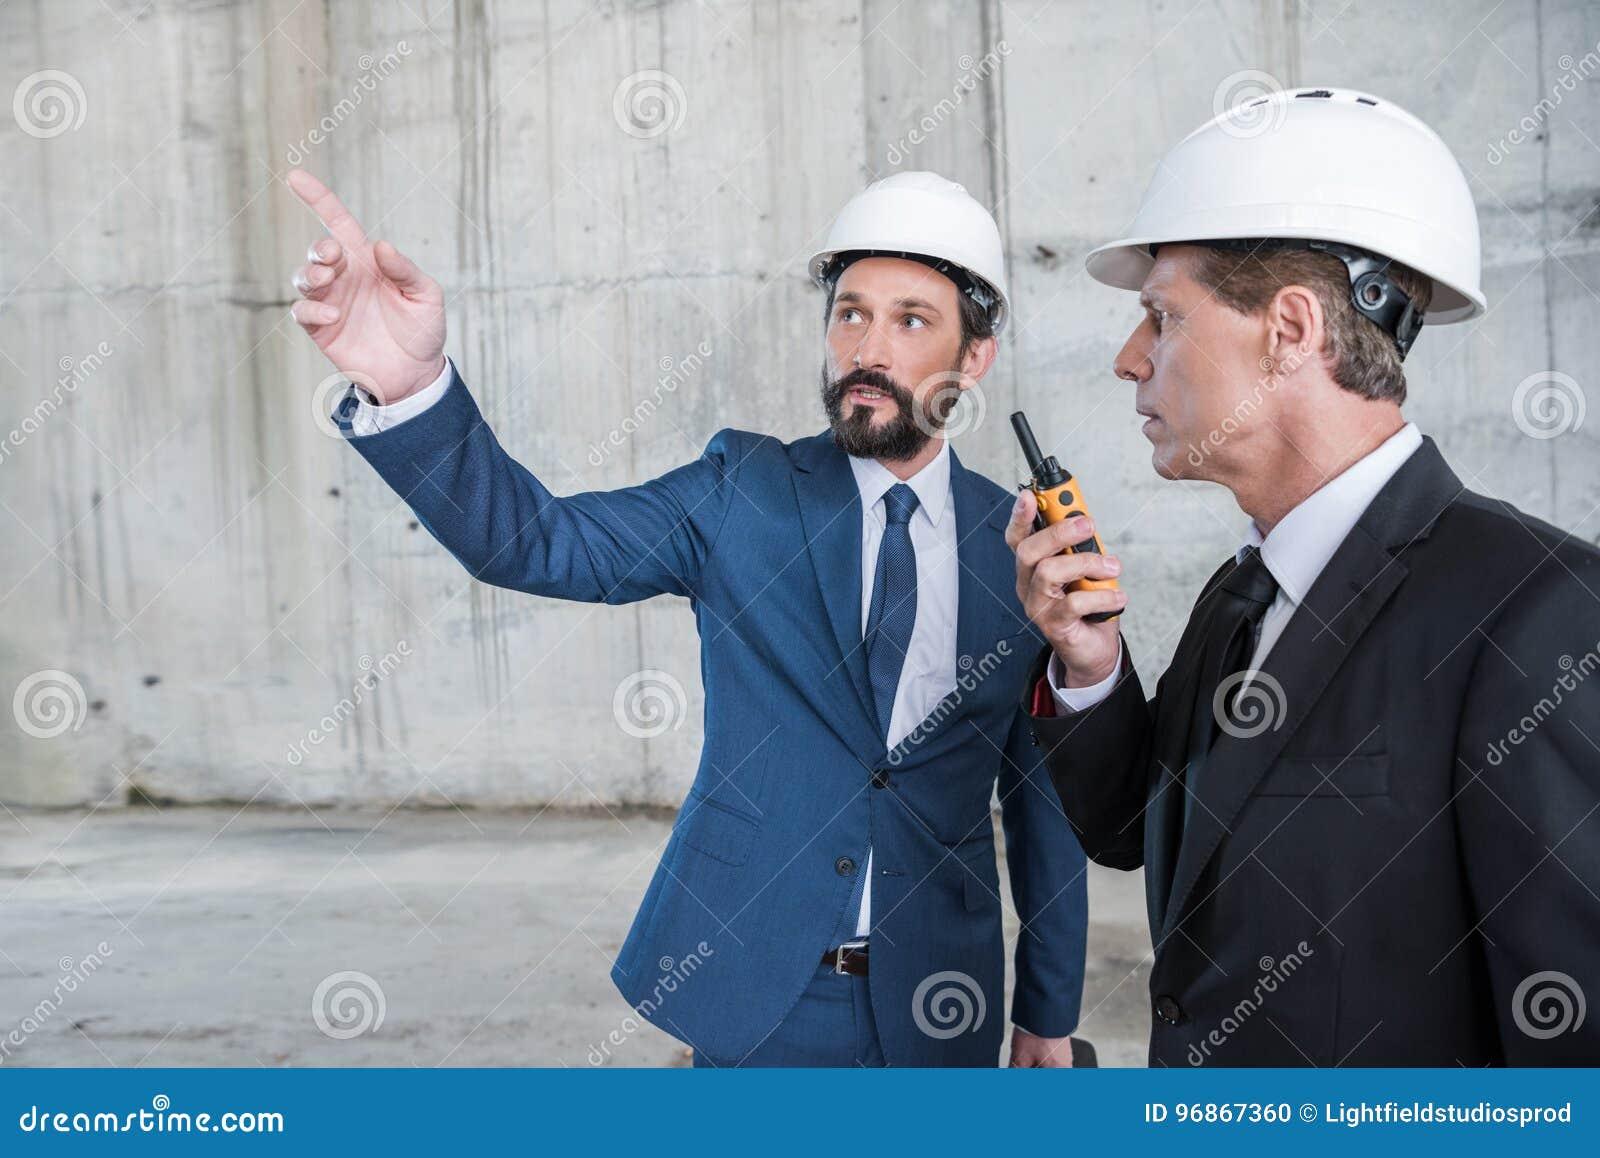 Αρχιτέκτονες hardhats χρησιμοποιώντας walkie-talkie και συζητώντας το πρόγραμμα στο εργοτάξιο οικοδομής